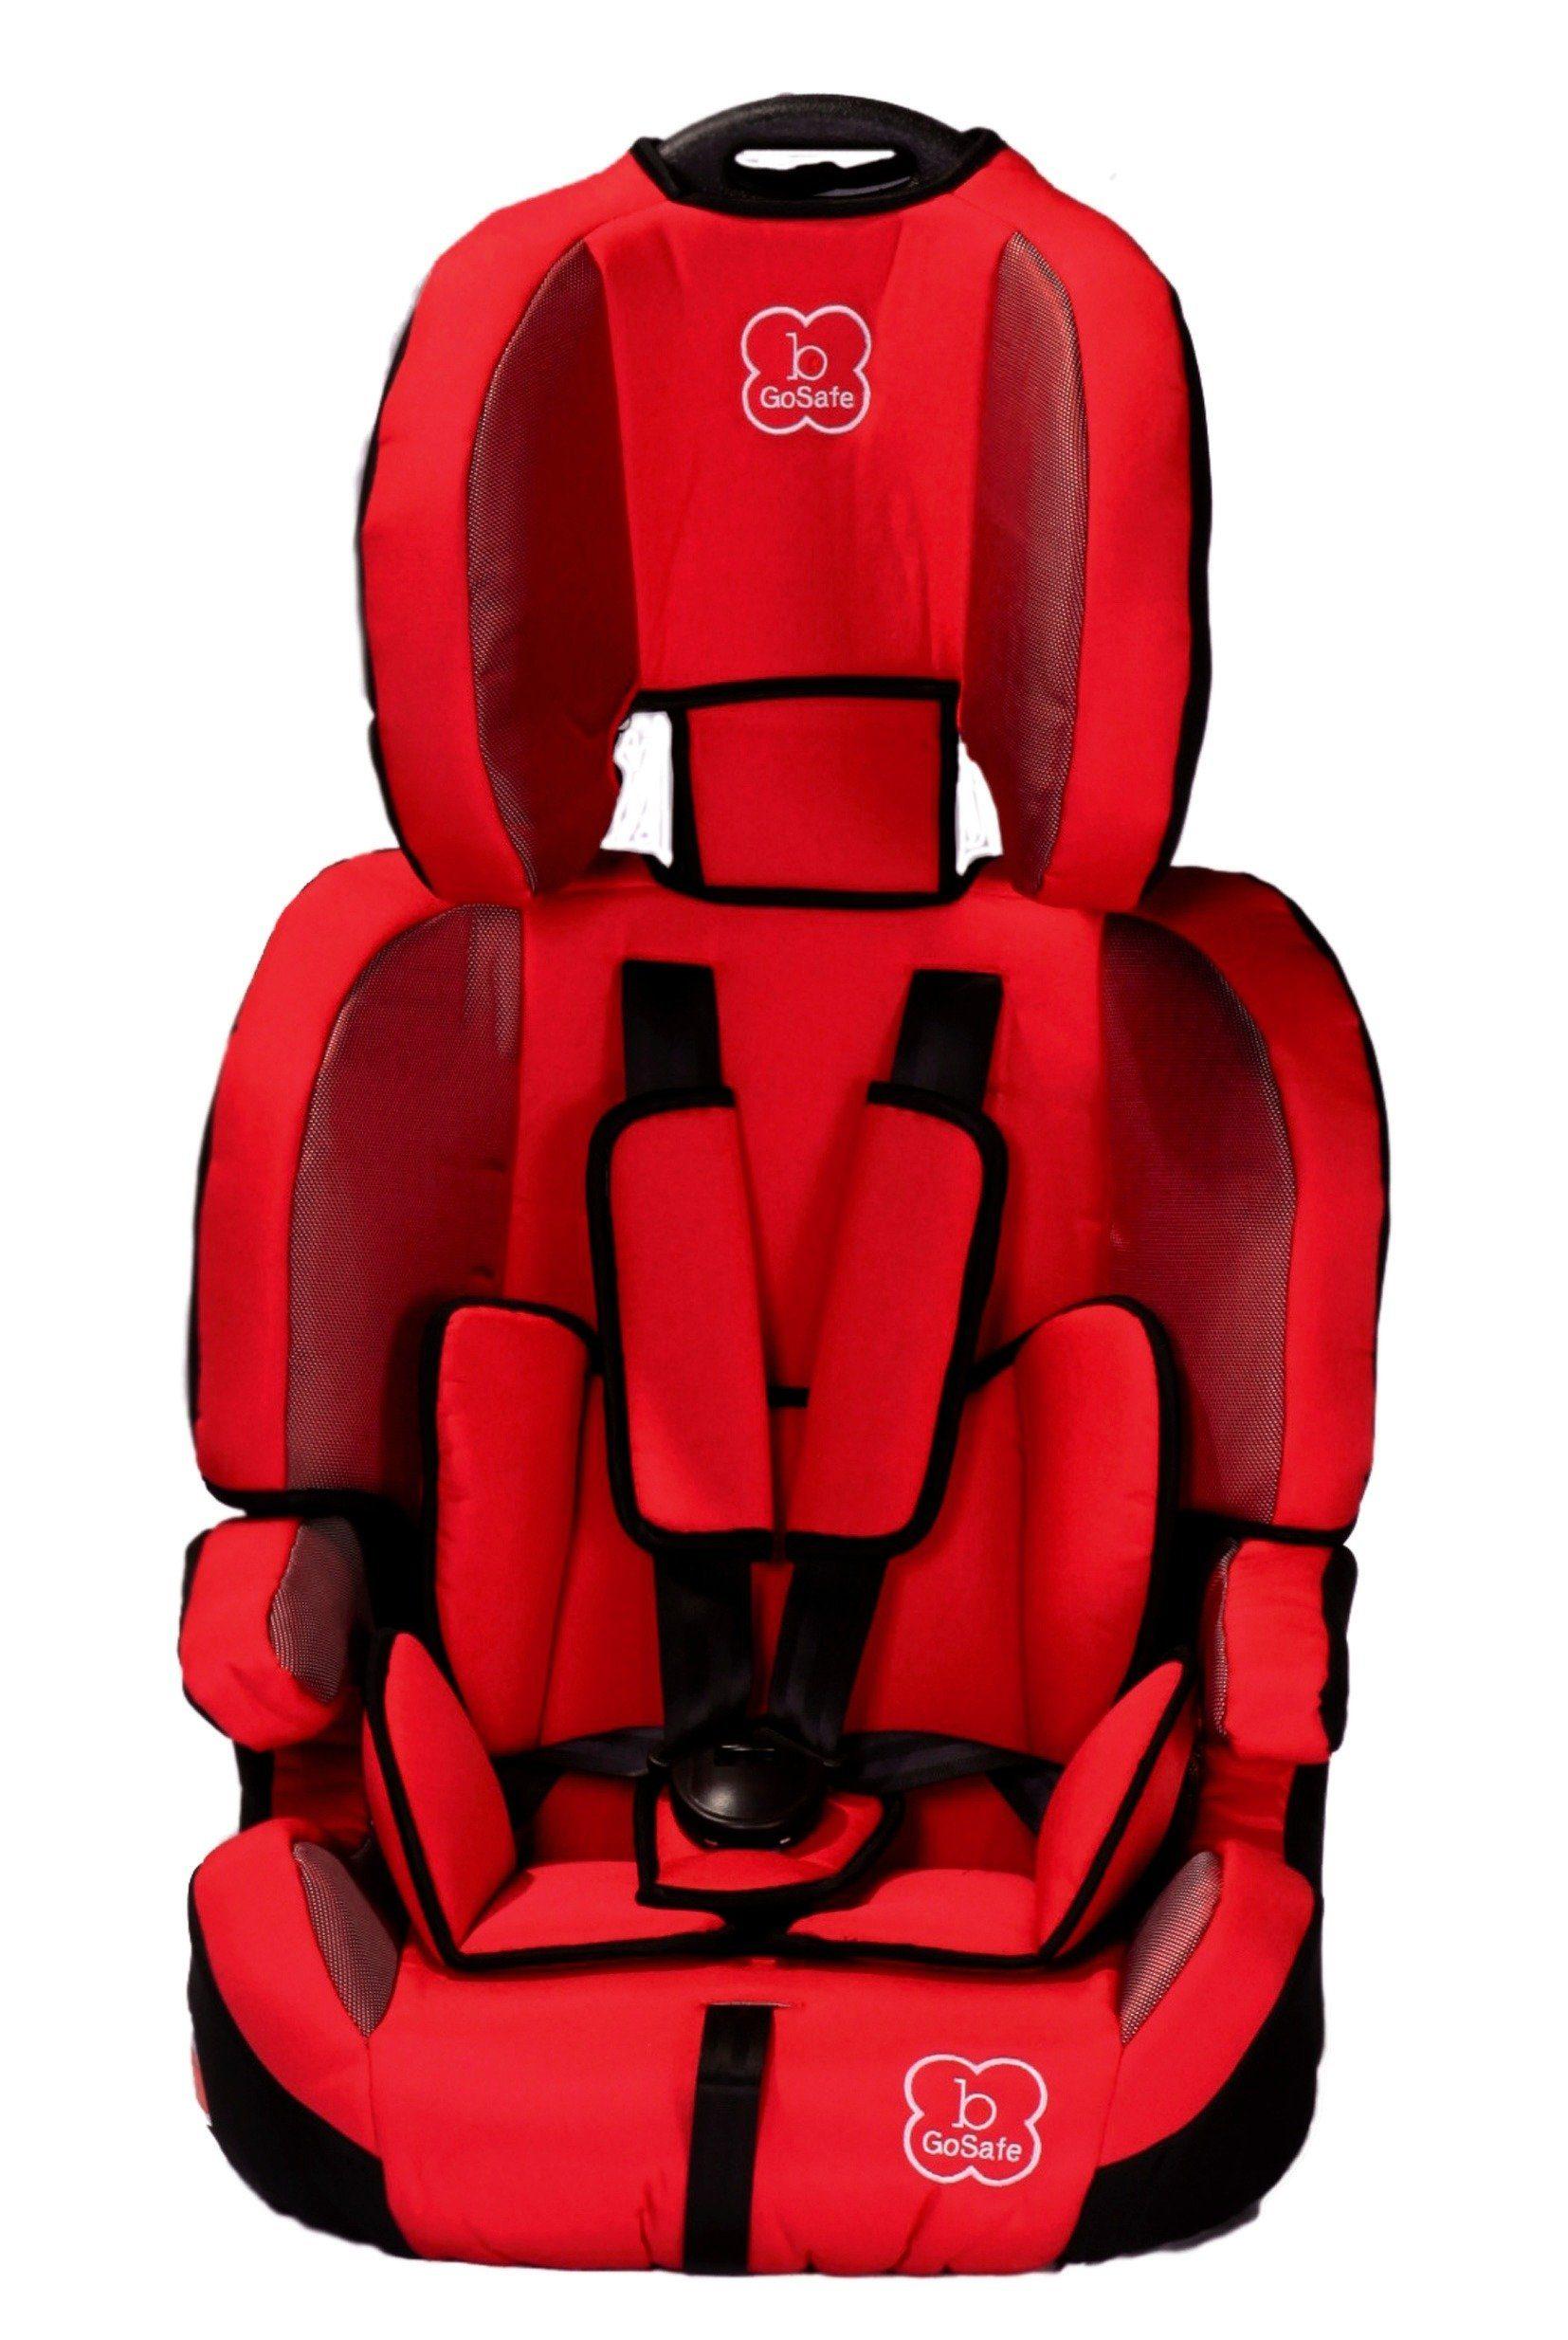 Kindersitz »GoSafe«, 9 - 36 kg, mit Sitzverkleinerung